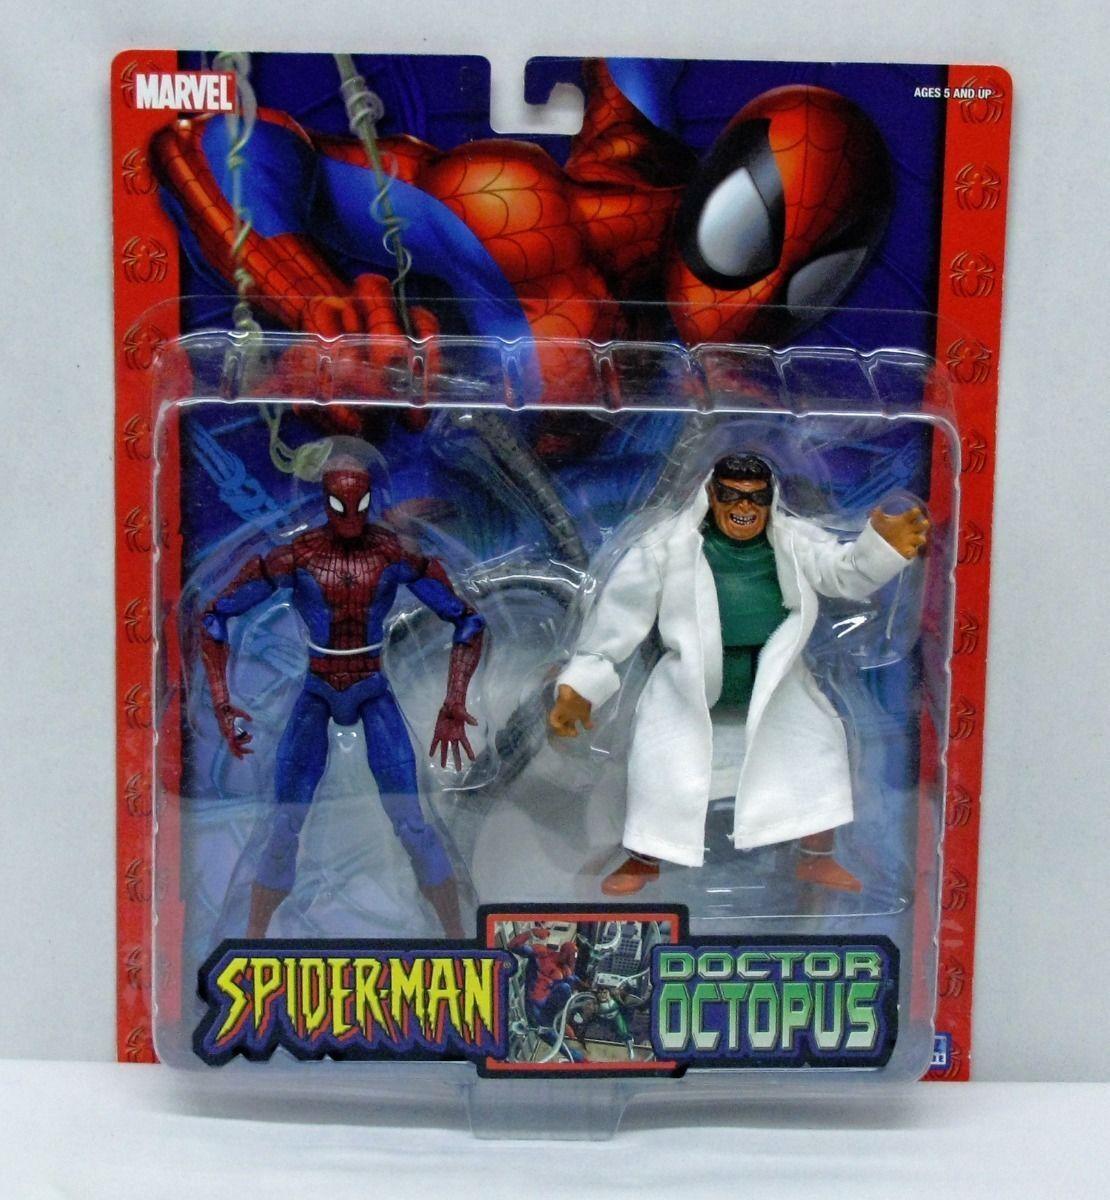 spider - man  zwei action - figur hat spider - man - doktor oktopus toybiz 2004 s158-9